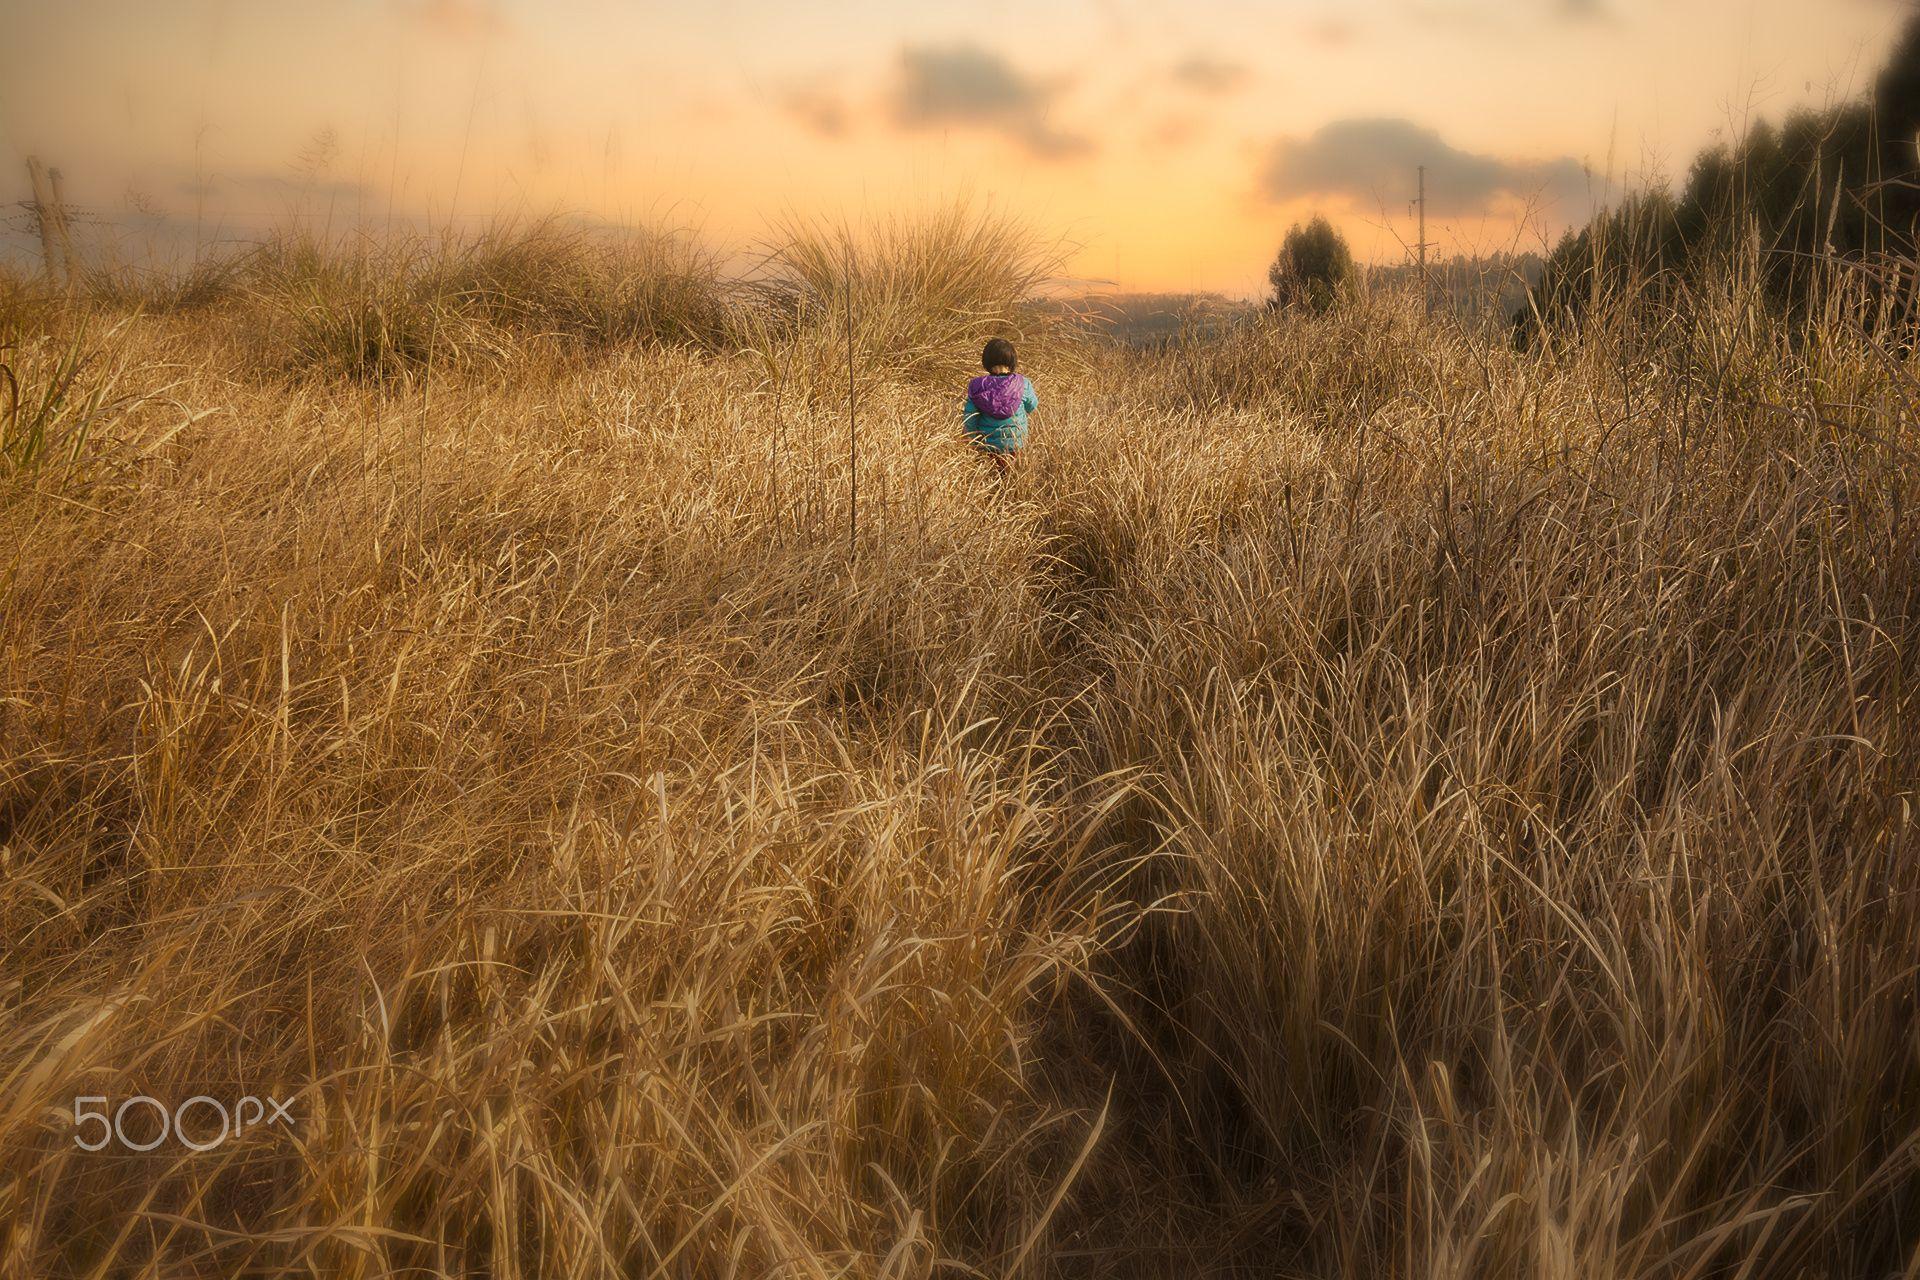 迷路的小孩 - 迷路的小孩